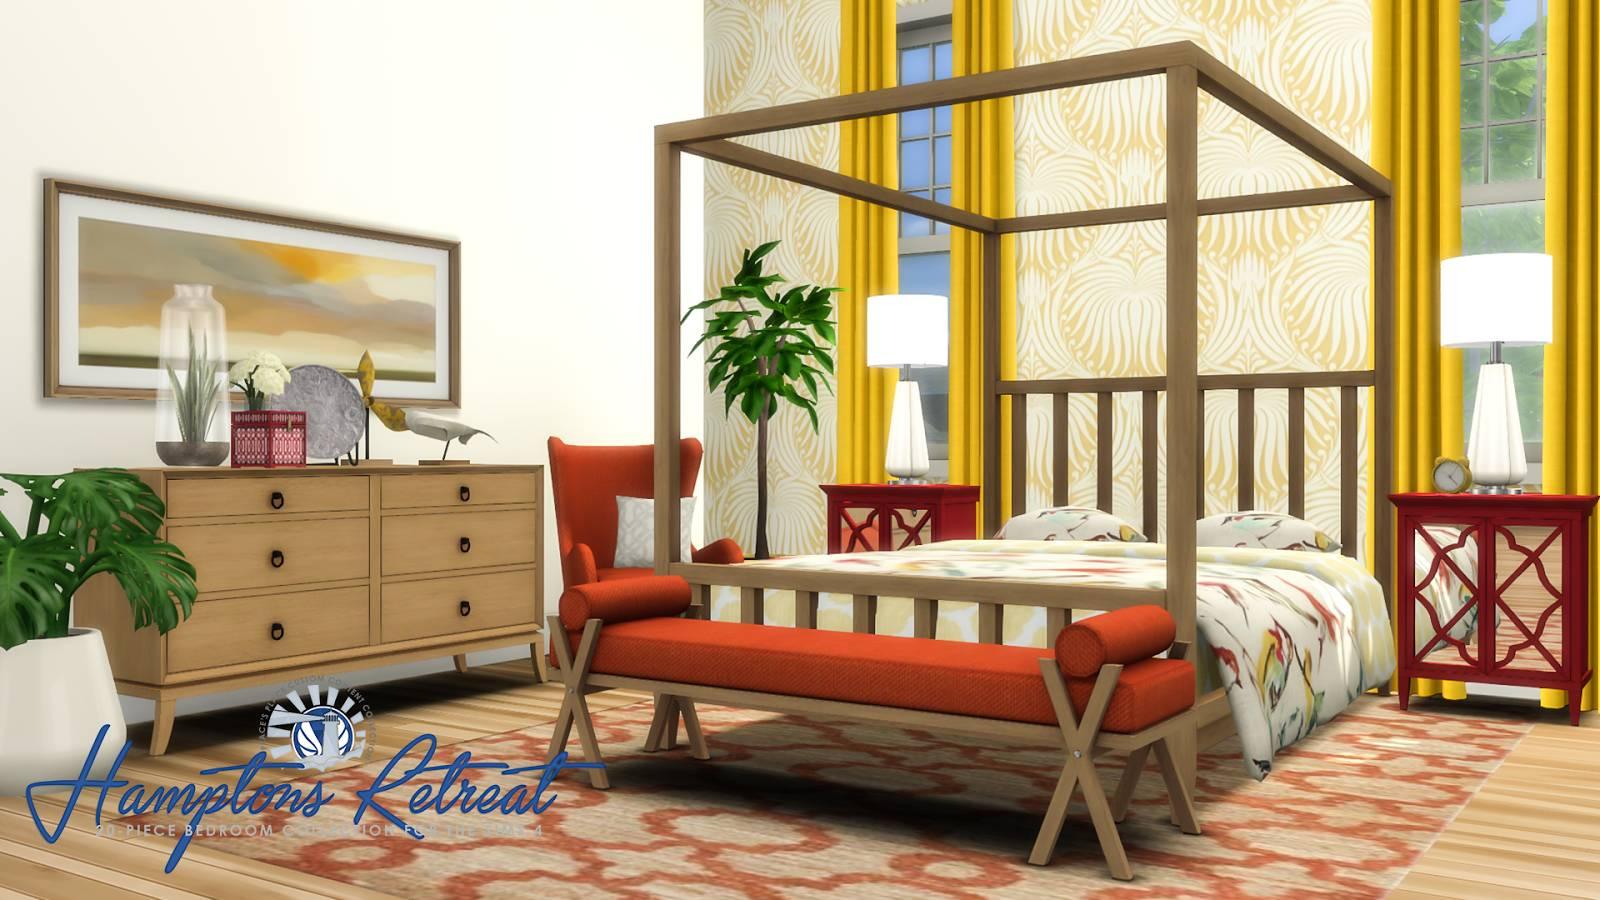 Спальня - Hamptons Retreat